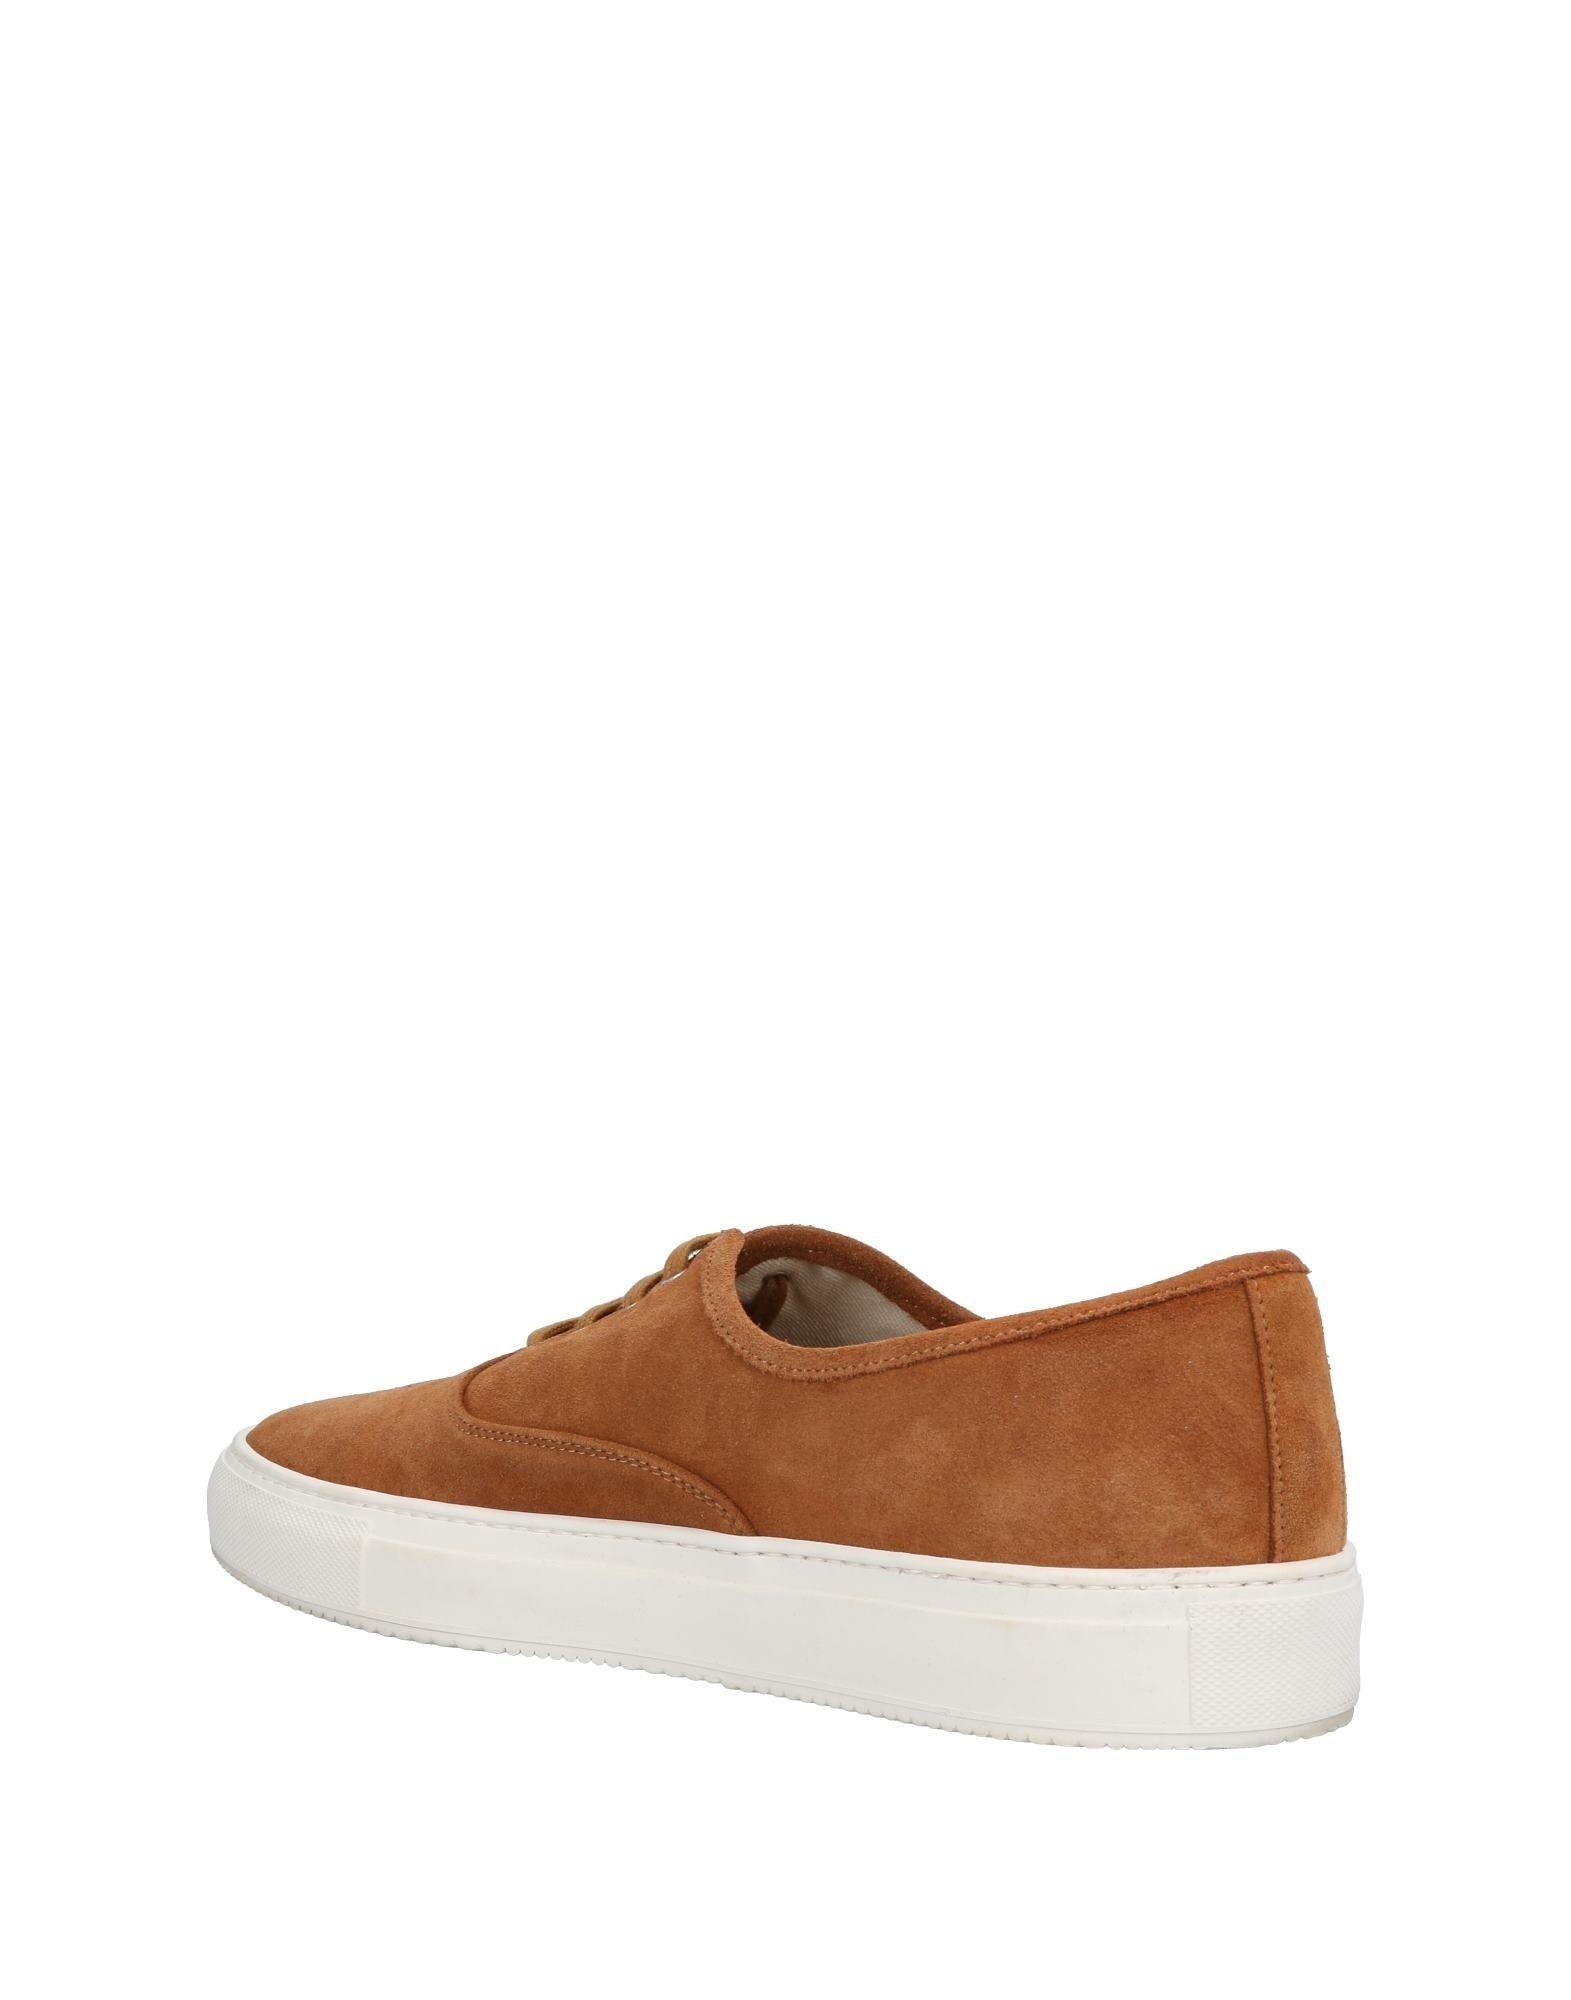 Common Herren Projects Sneakers Herren Common  11467330GW Neue Schuhe 422eb1